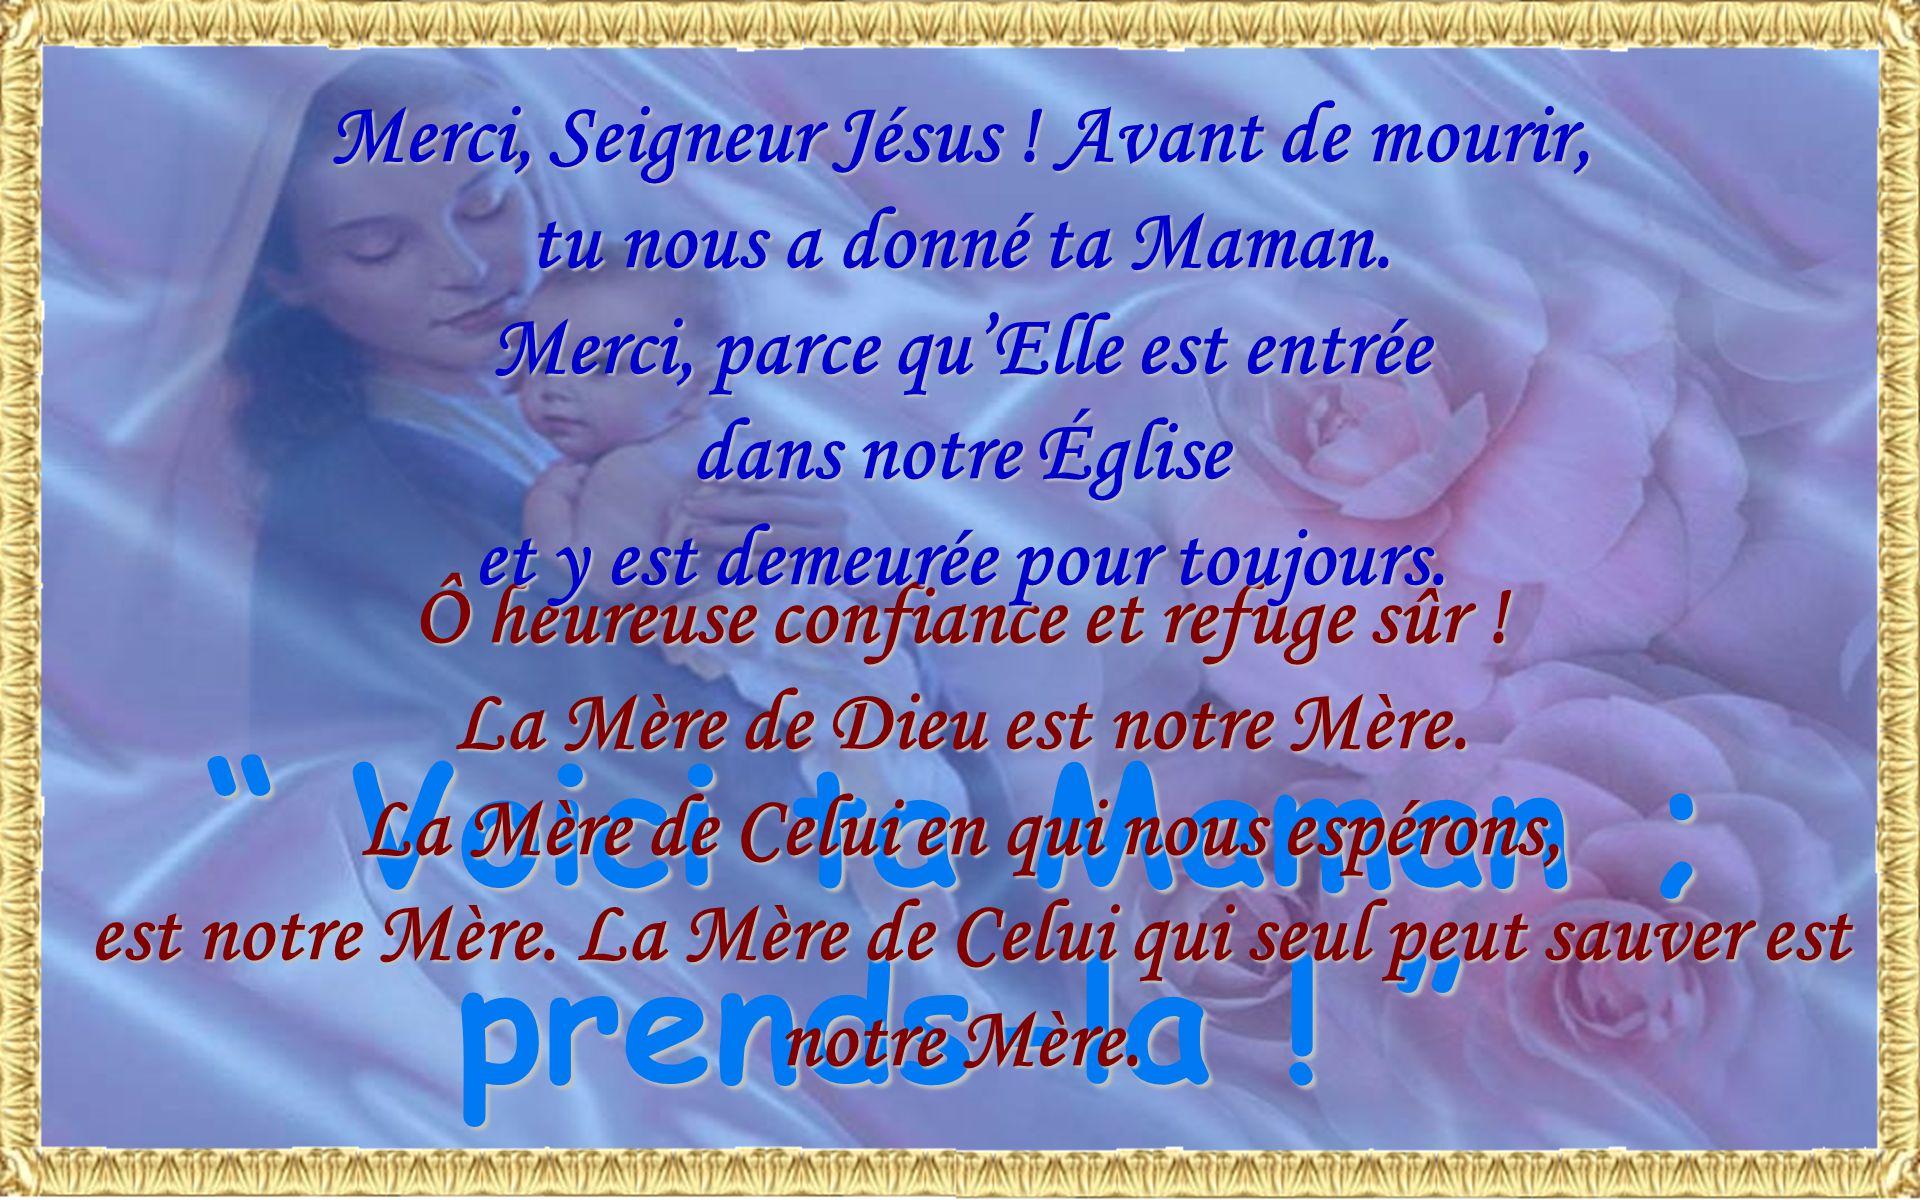 Appeler Marie notre mère, nest pas une simple image. Marie est notre mère dans un sens réel et éminent. Cest pourquoi elle nous est si proche, elle no